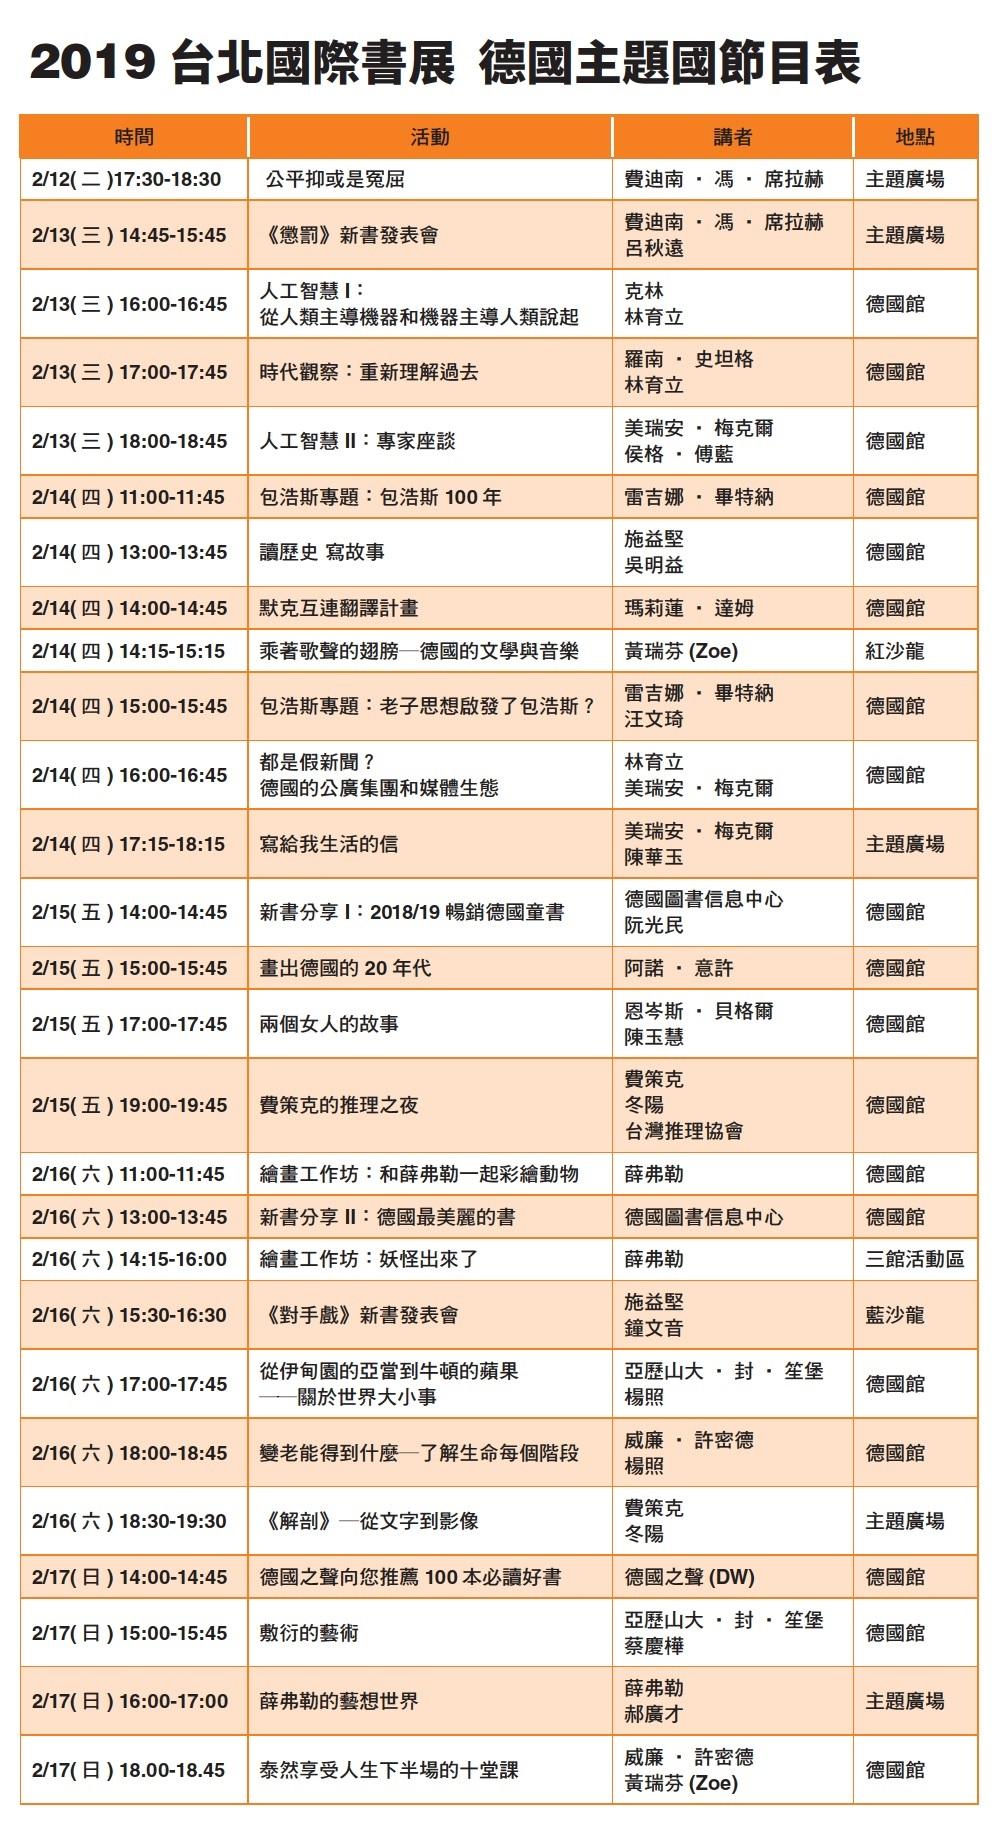 2019TIBE【德國主題國】節目表